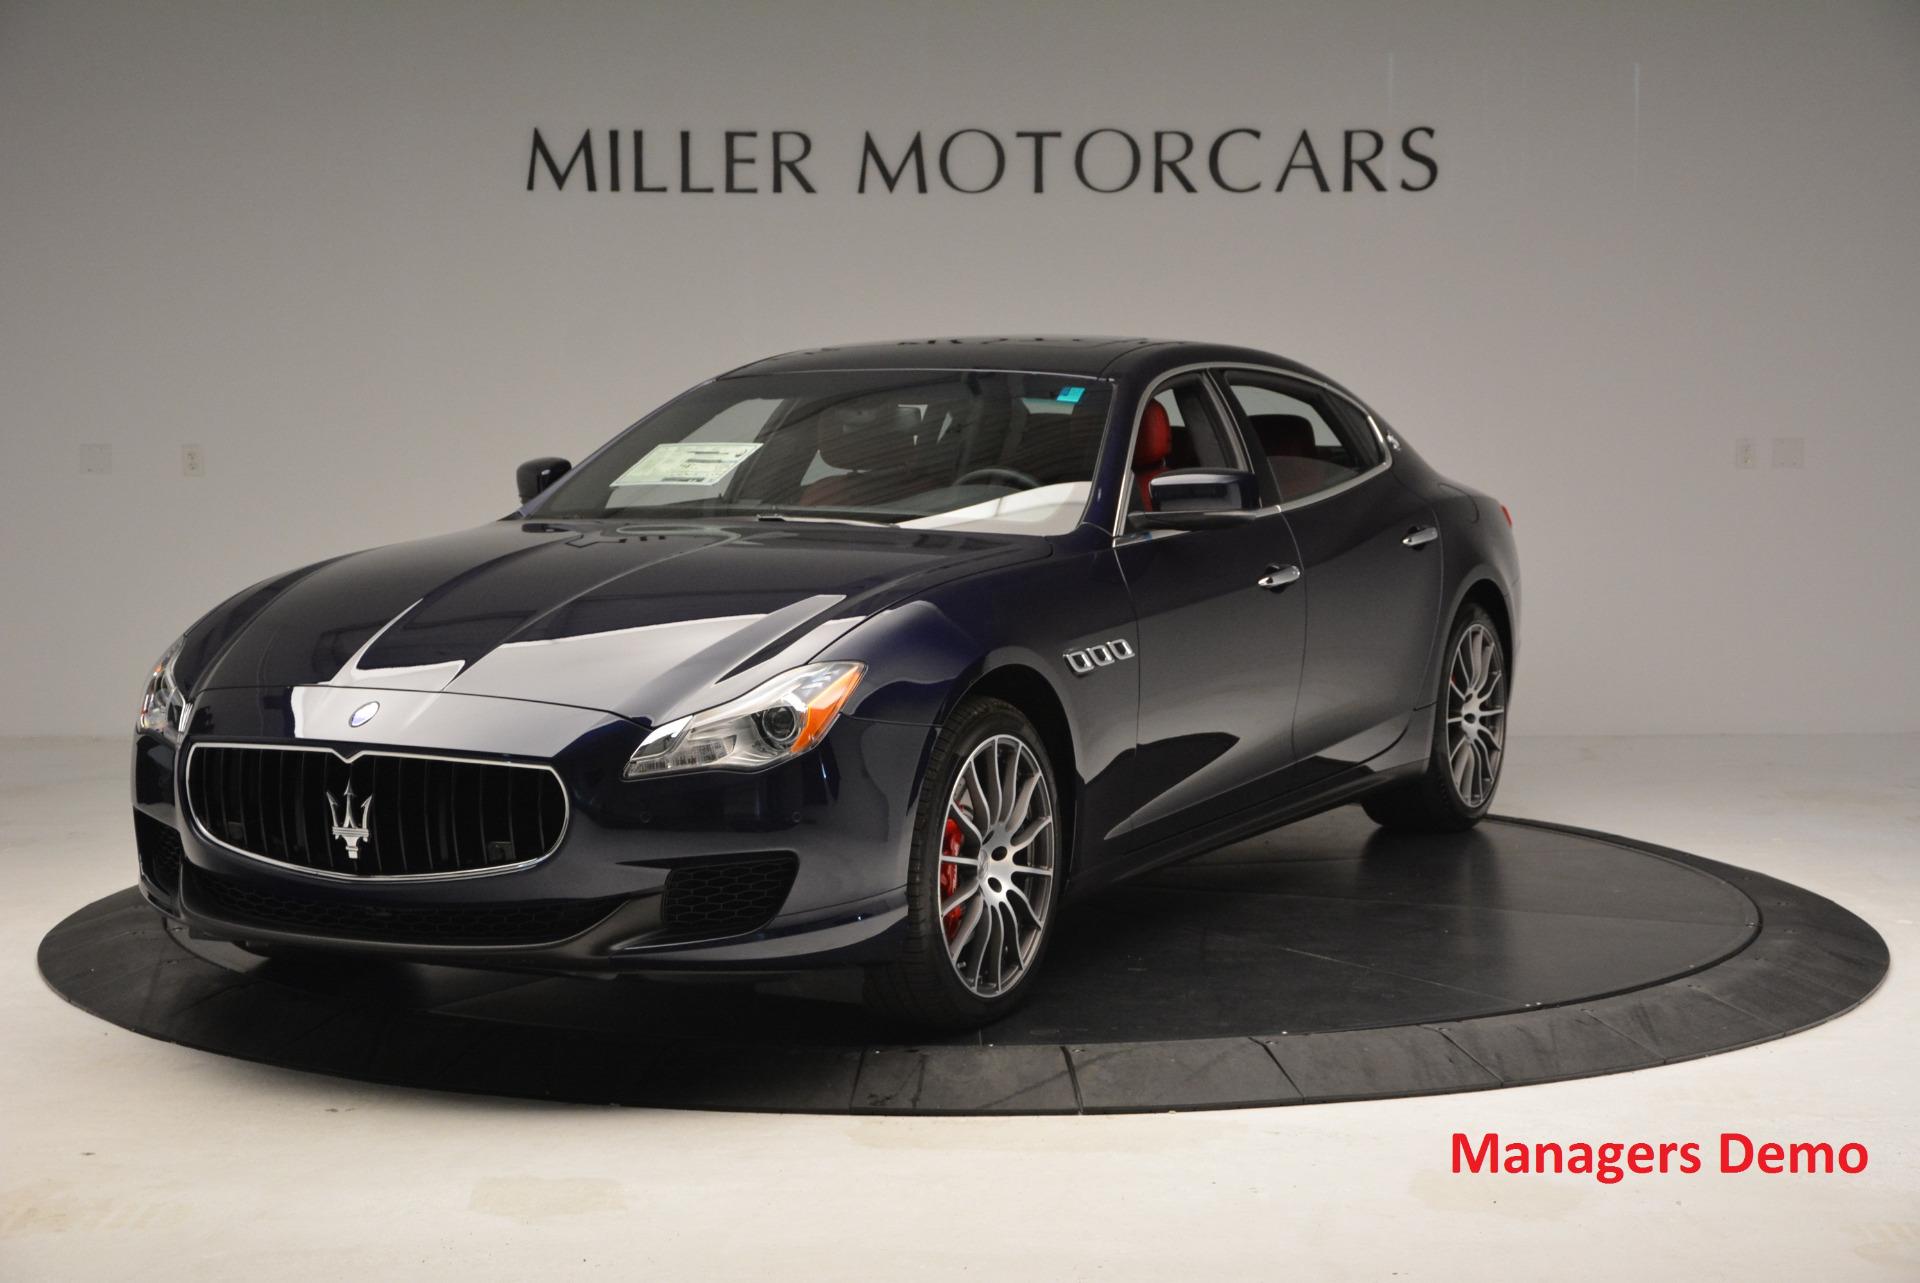 New 2016 Maserati Quattroporte S Q4  *******      DEALER'S  DEMO For Sale In Greenwich, CT 185_main